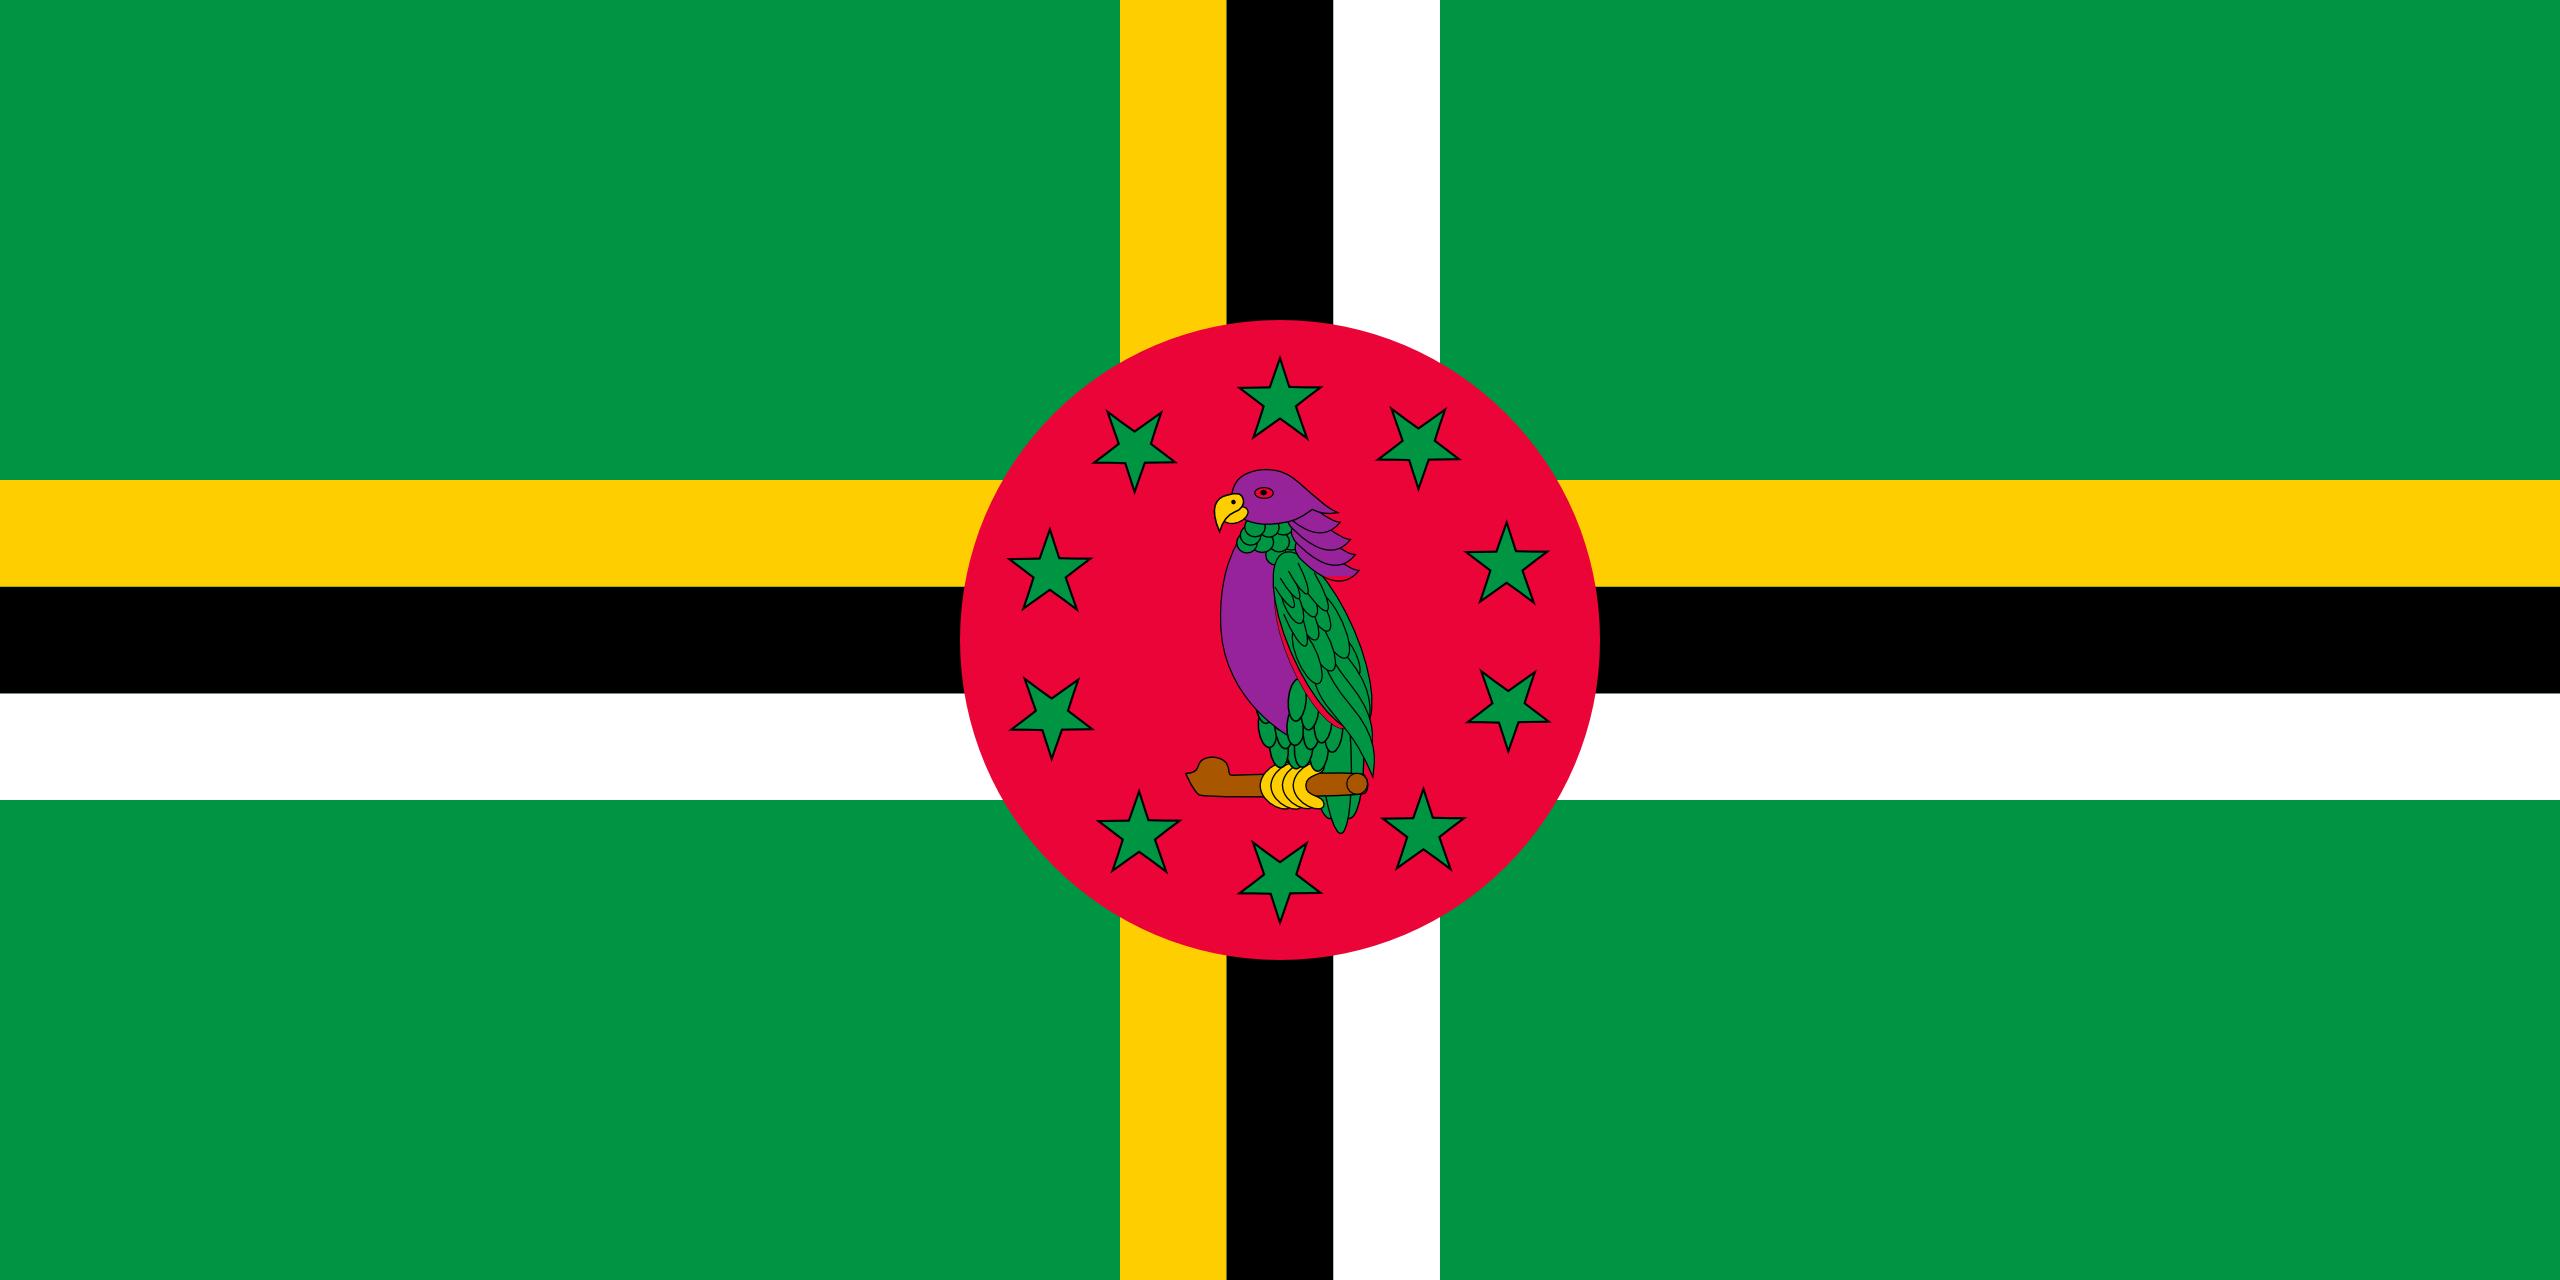 ドミニカ国, 国, エンブレム, ロゴ, シンボル - HD の壁紙 - 教授-falken.com